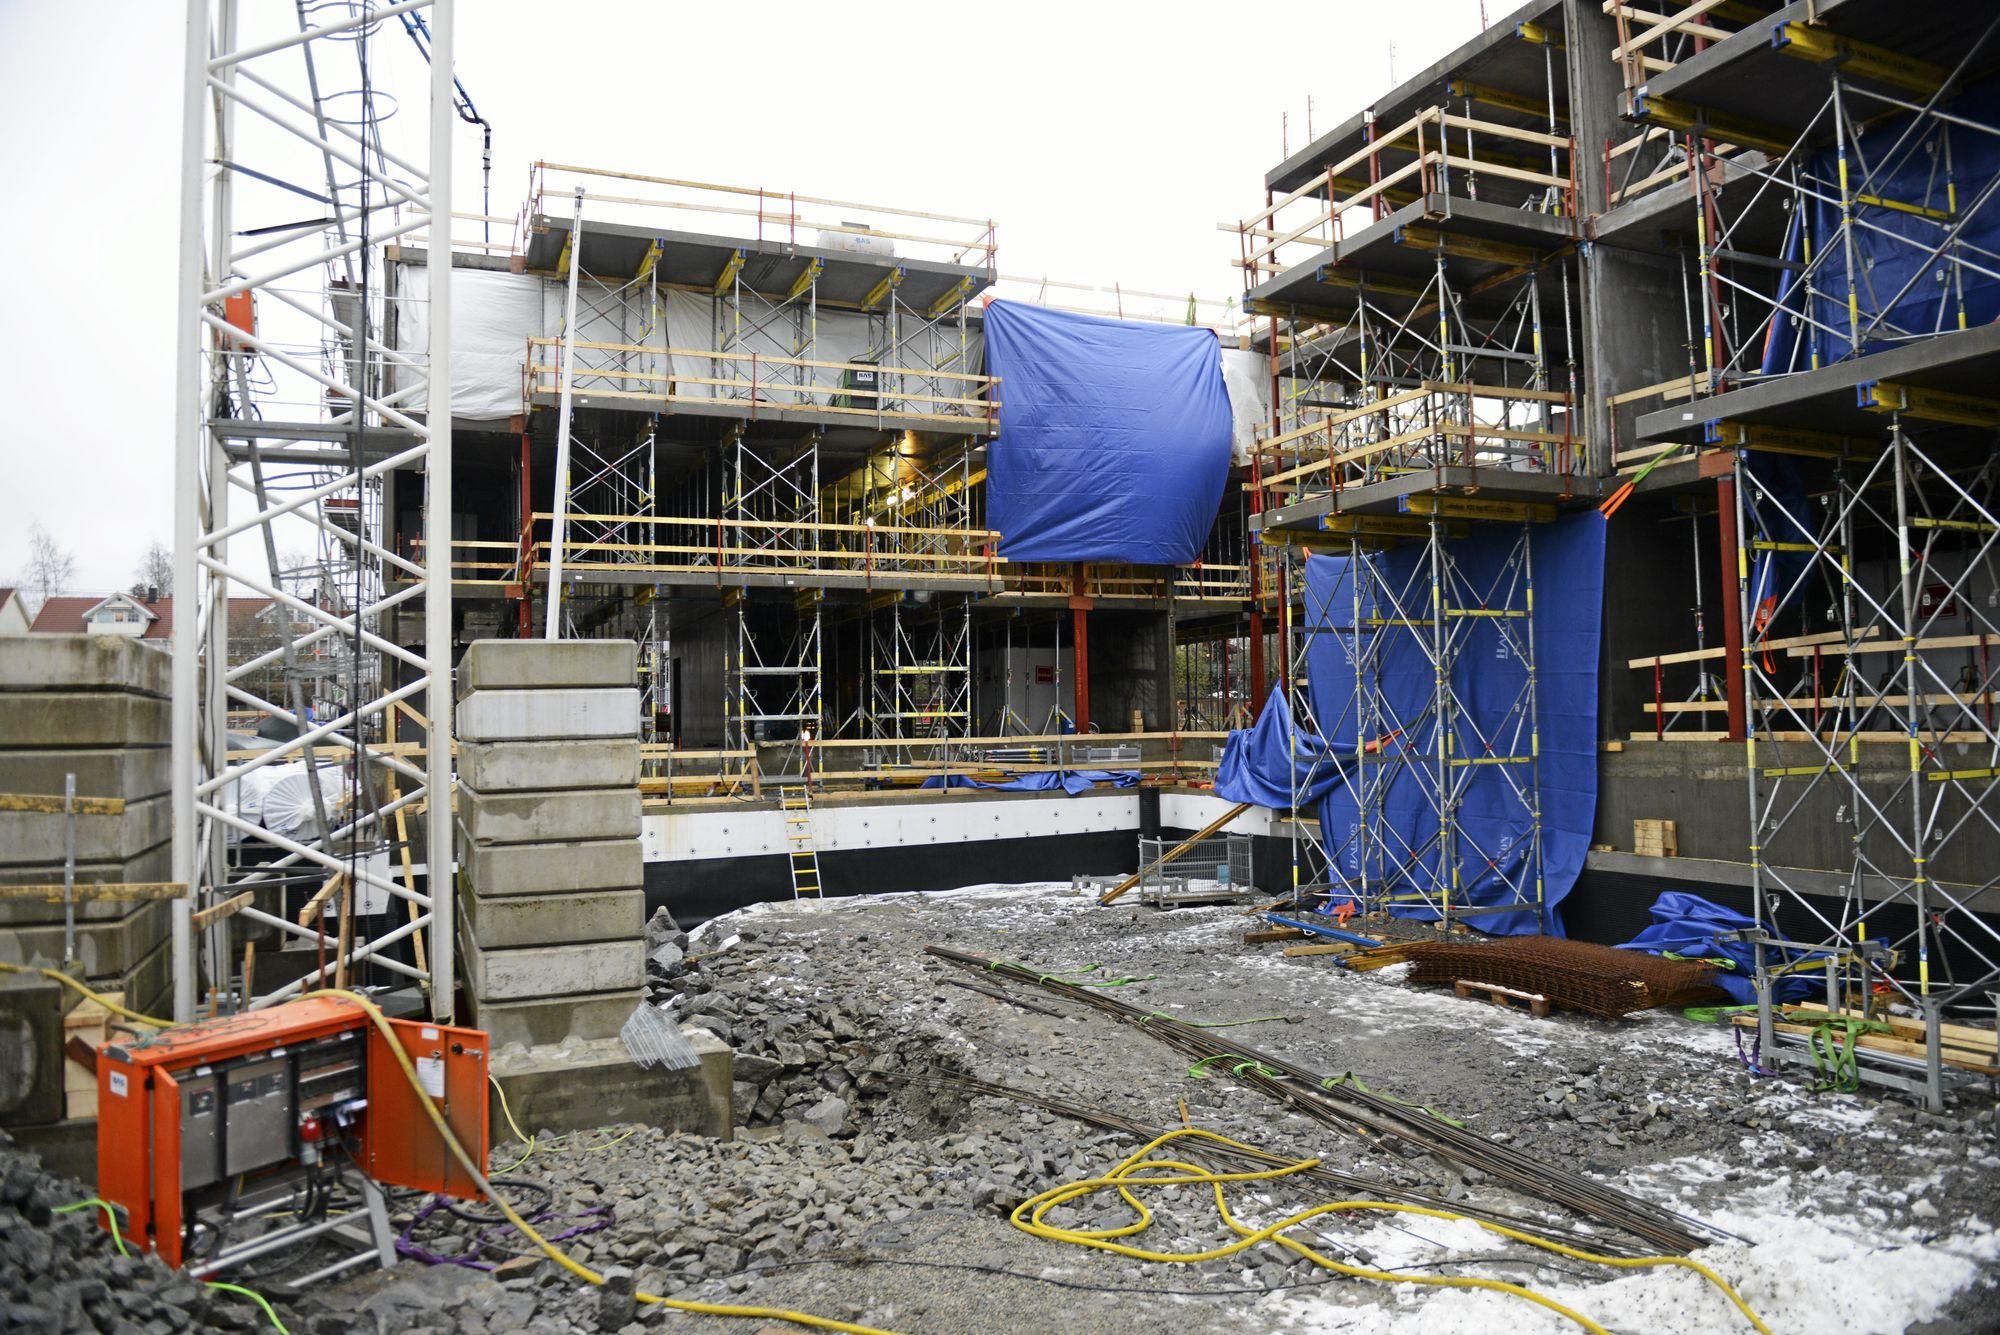 RÅBYGGENE: Her er råbyggene på vei opp, de skal være ferdig etter sommeren 2018, og leilighetene skal være innflyttingsklare i juni 2019.